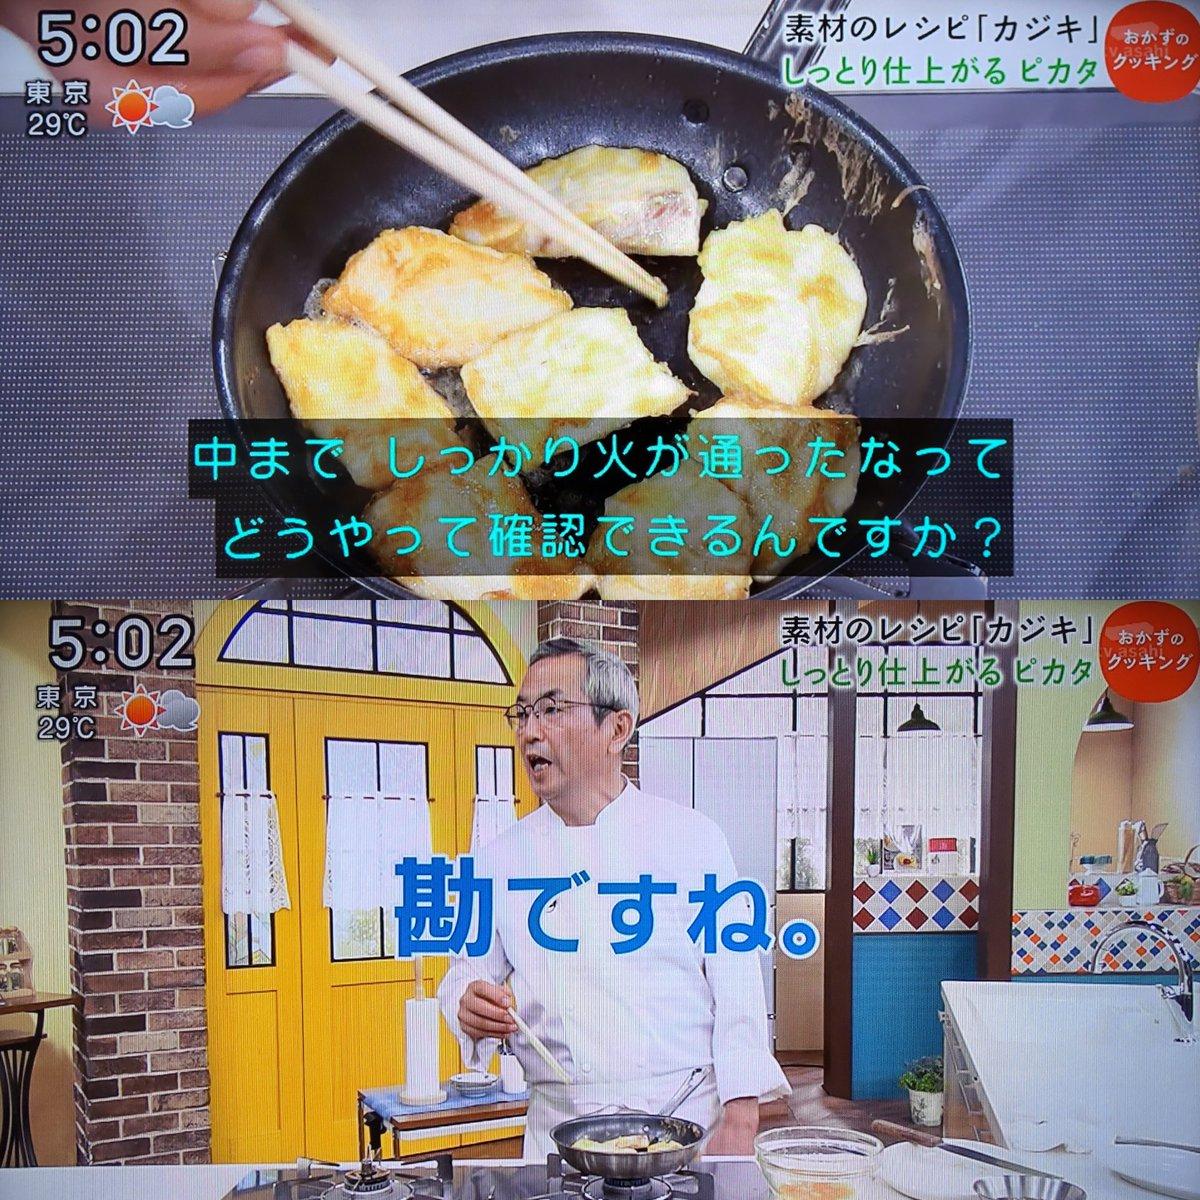 の クッキング おかず 【おかずのクッキング】『フレンチトースト』材料分量・作り方 レシピ